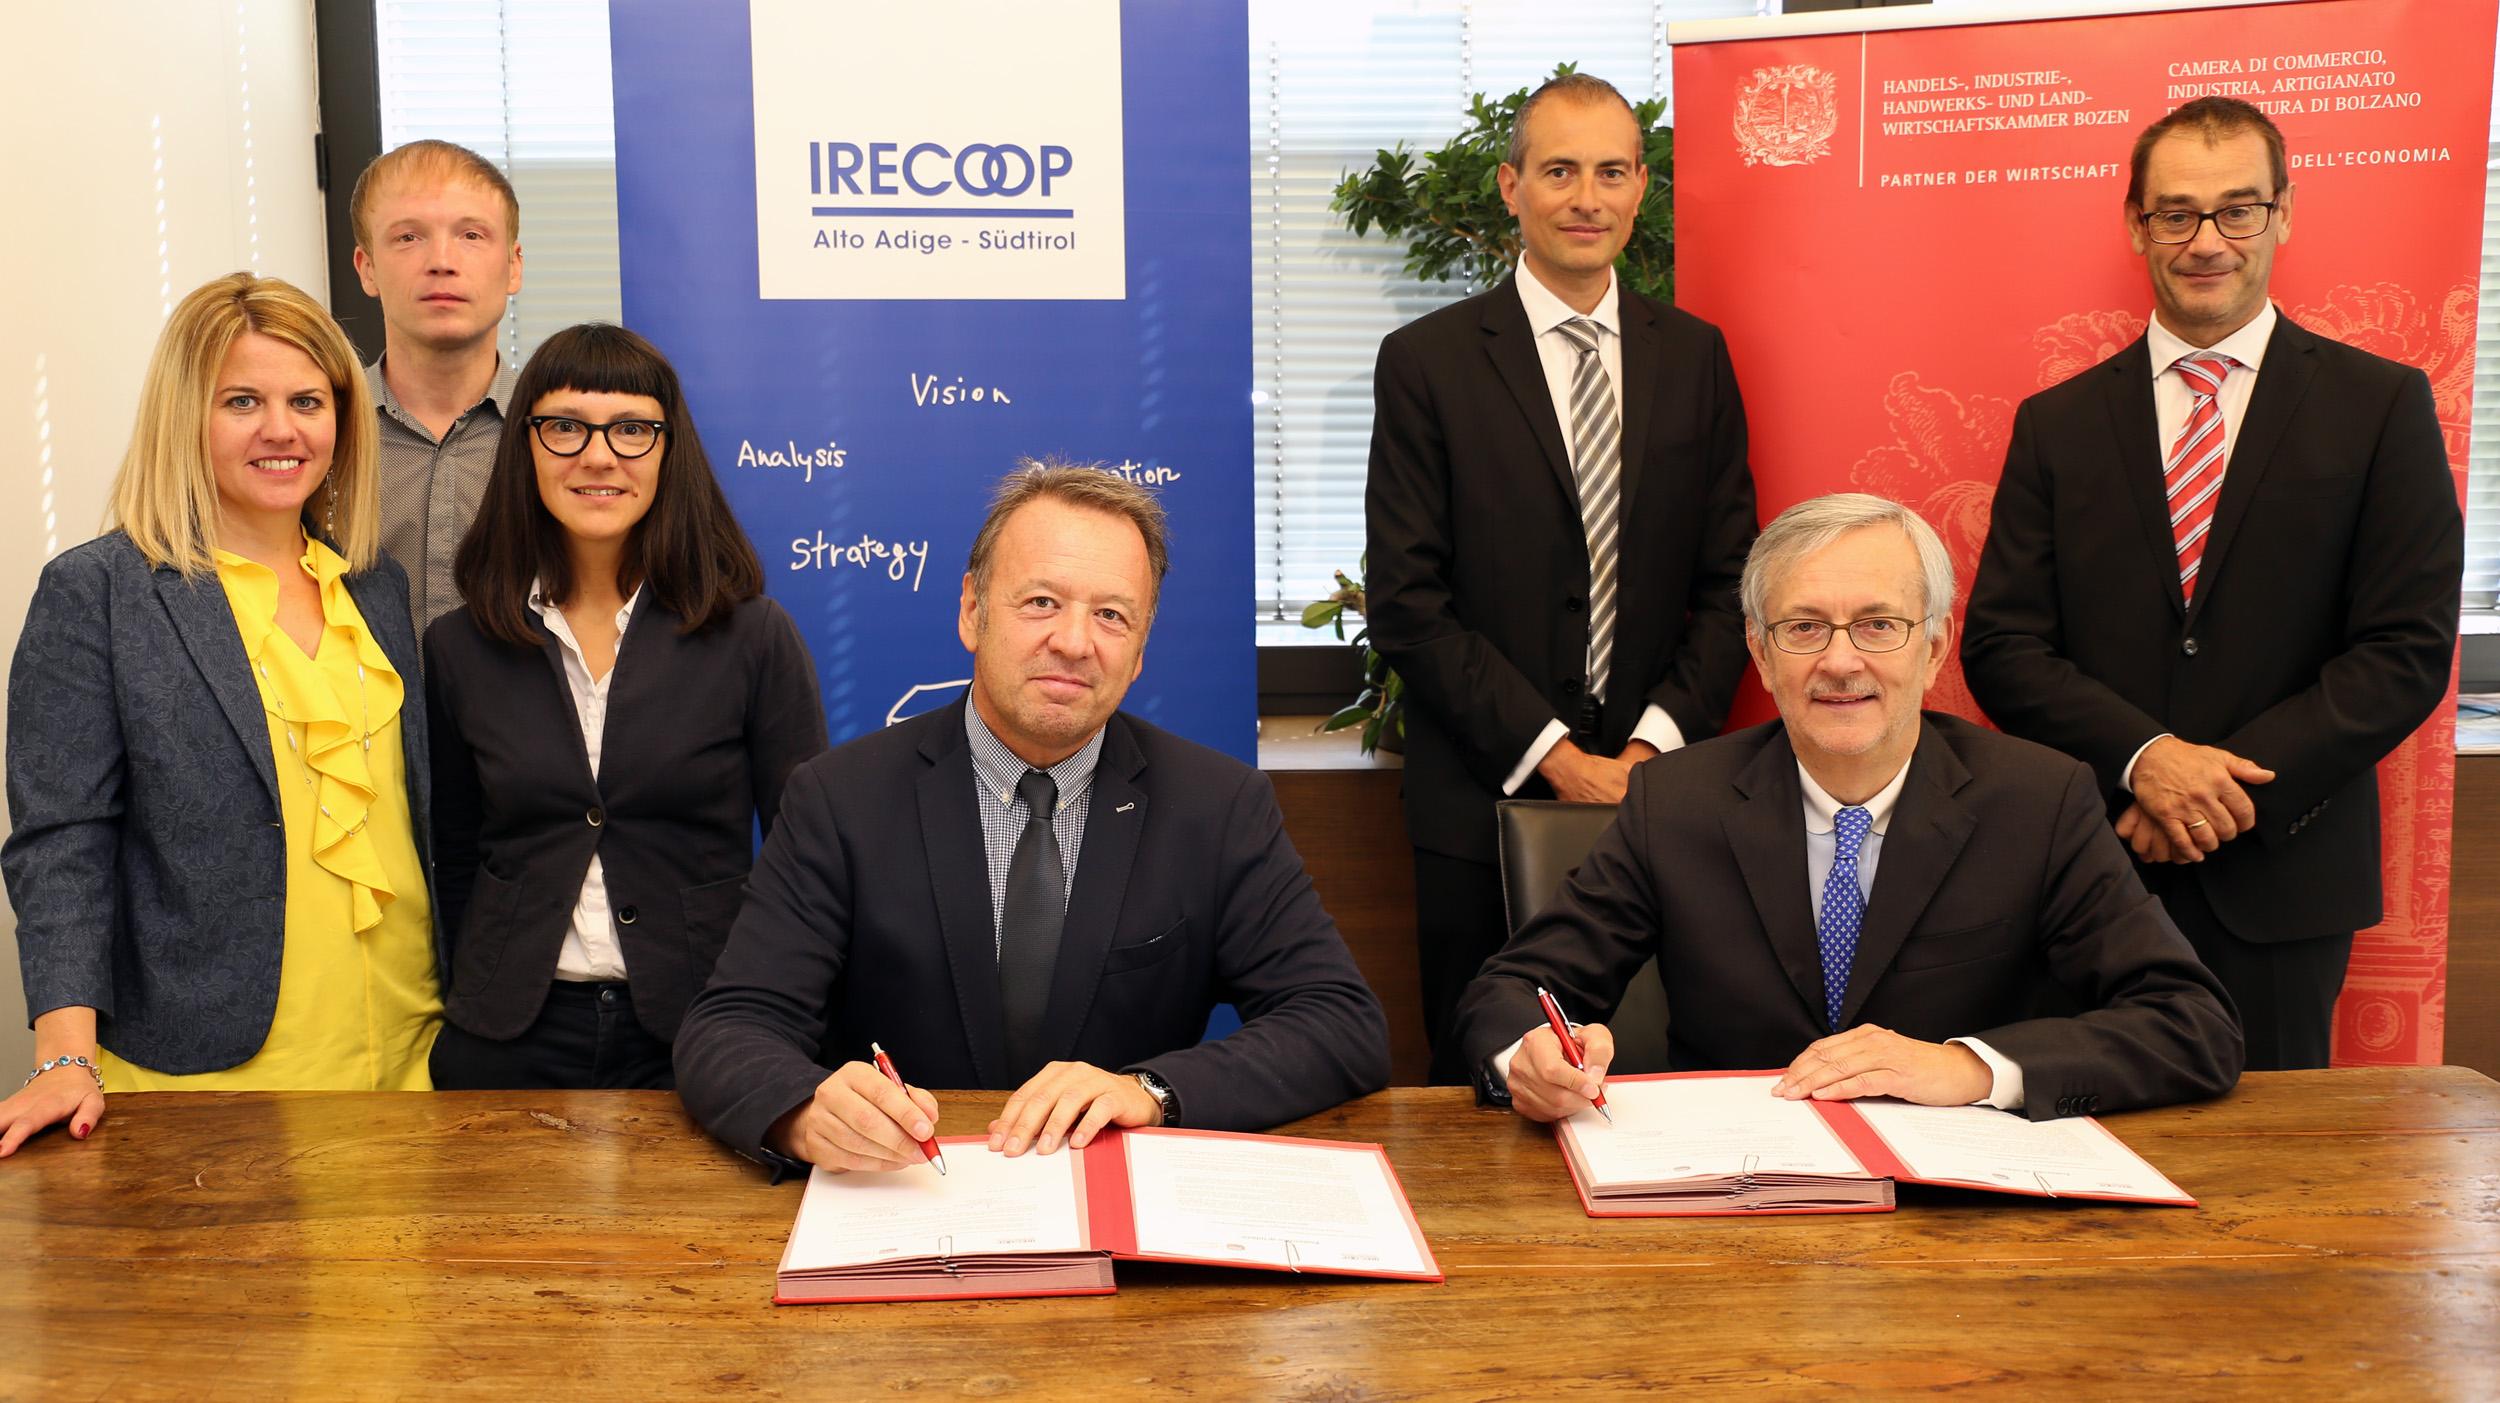 Accordo IRECOOP-Camera di commercio (c) hk